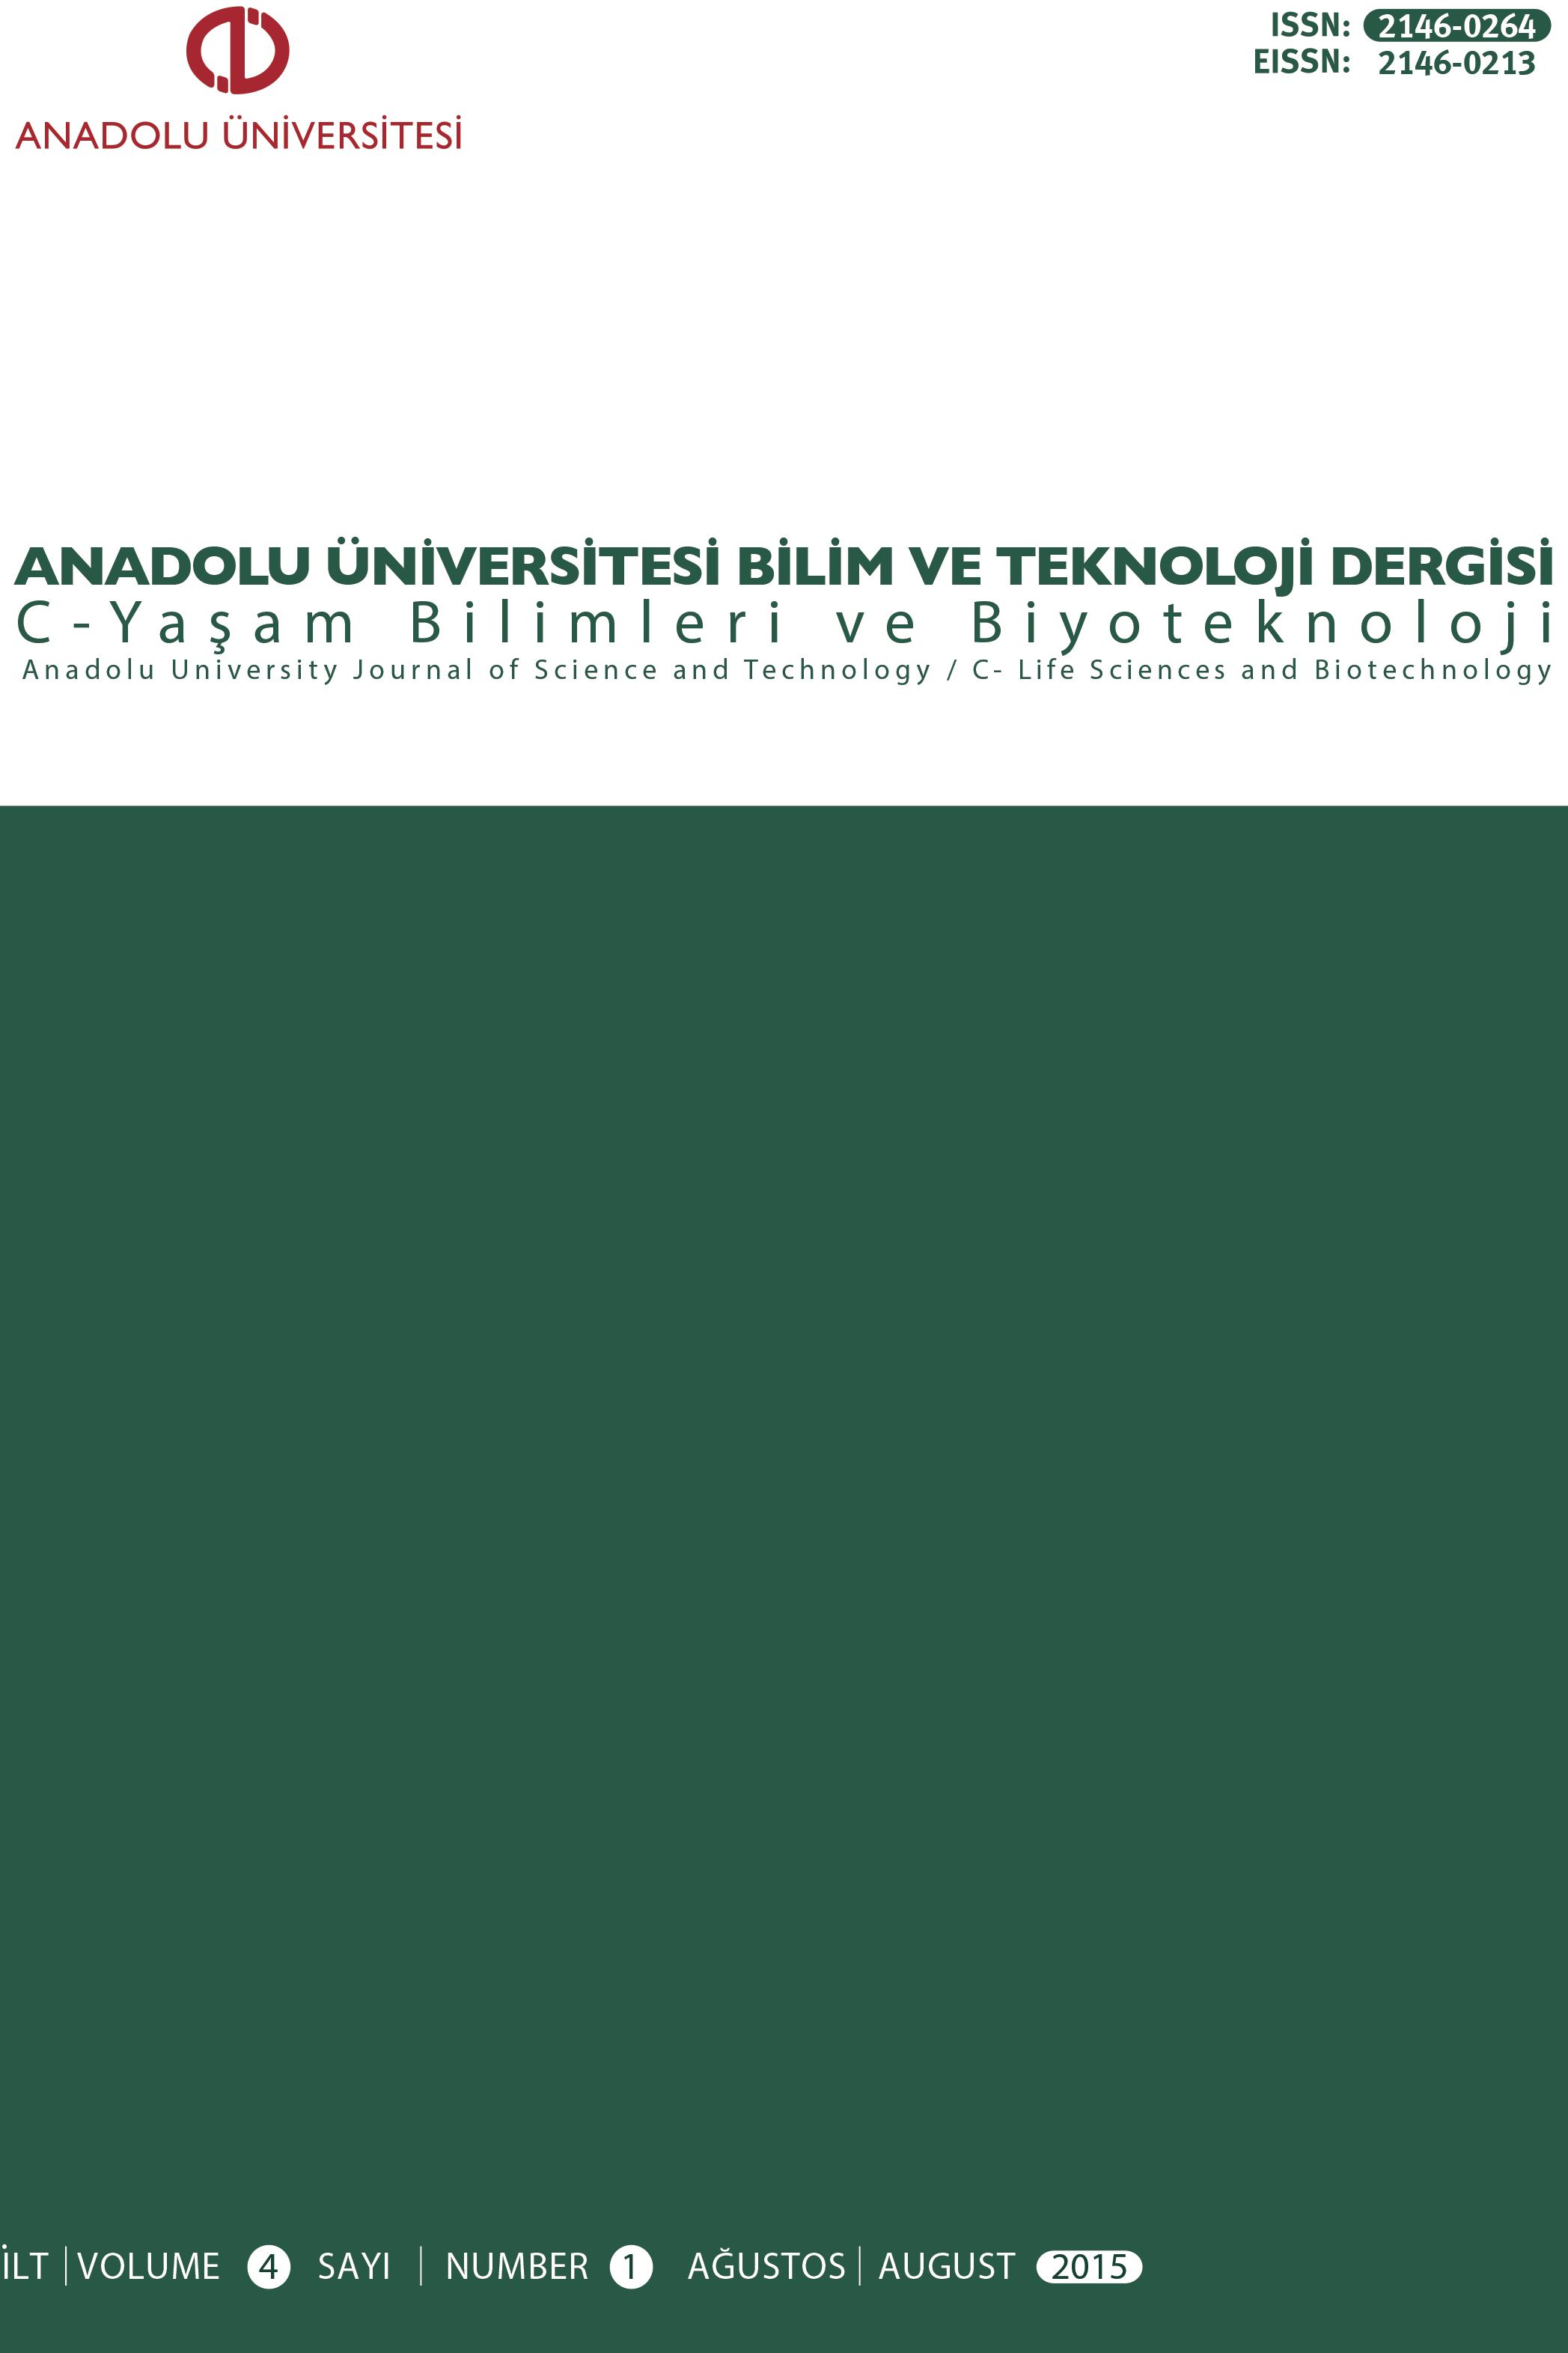 Anadolu Üniversitesi Bilim ve Teknoloji Dergisi - C Yaşam Bilimleri Ve Biyoteknoloji